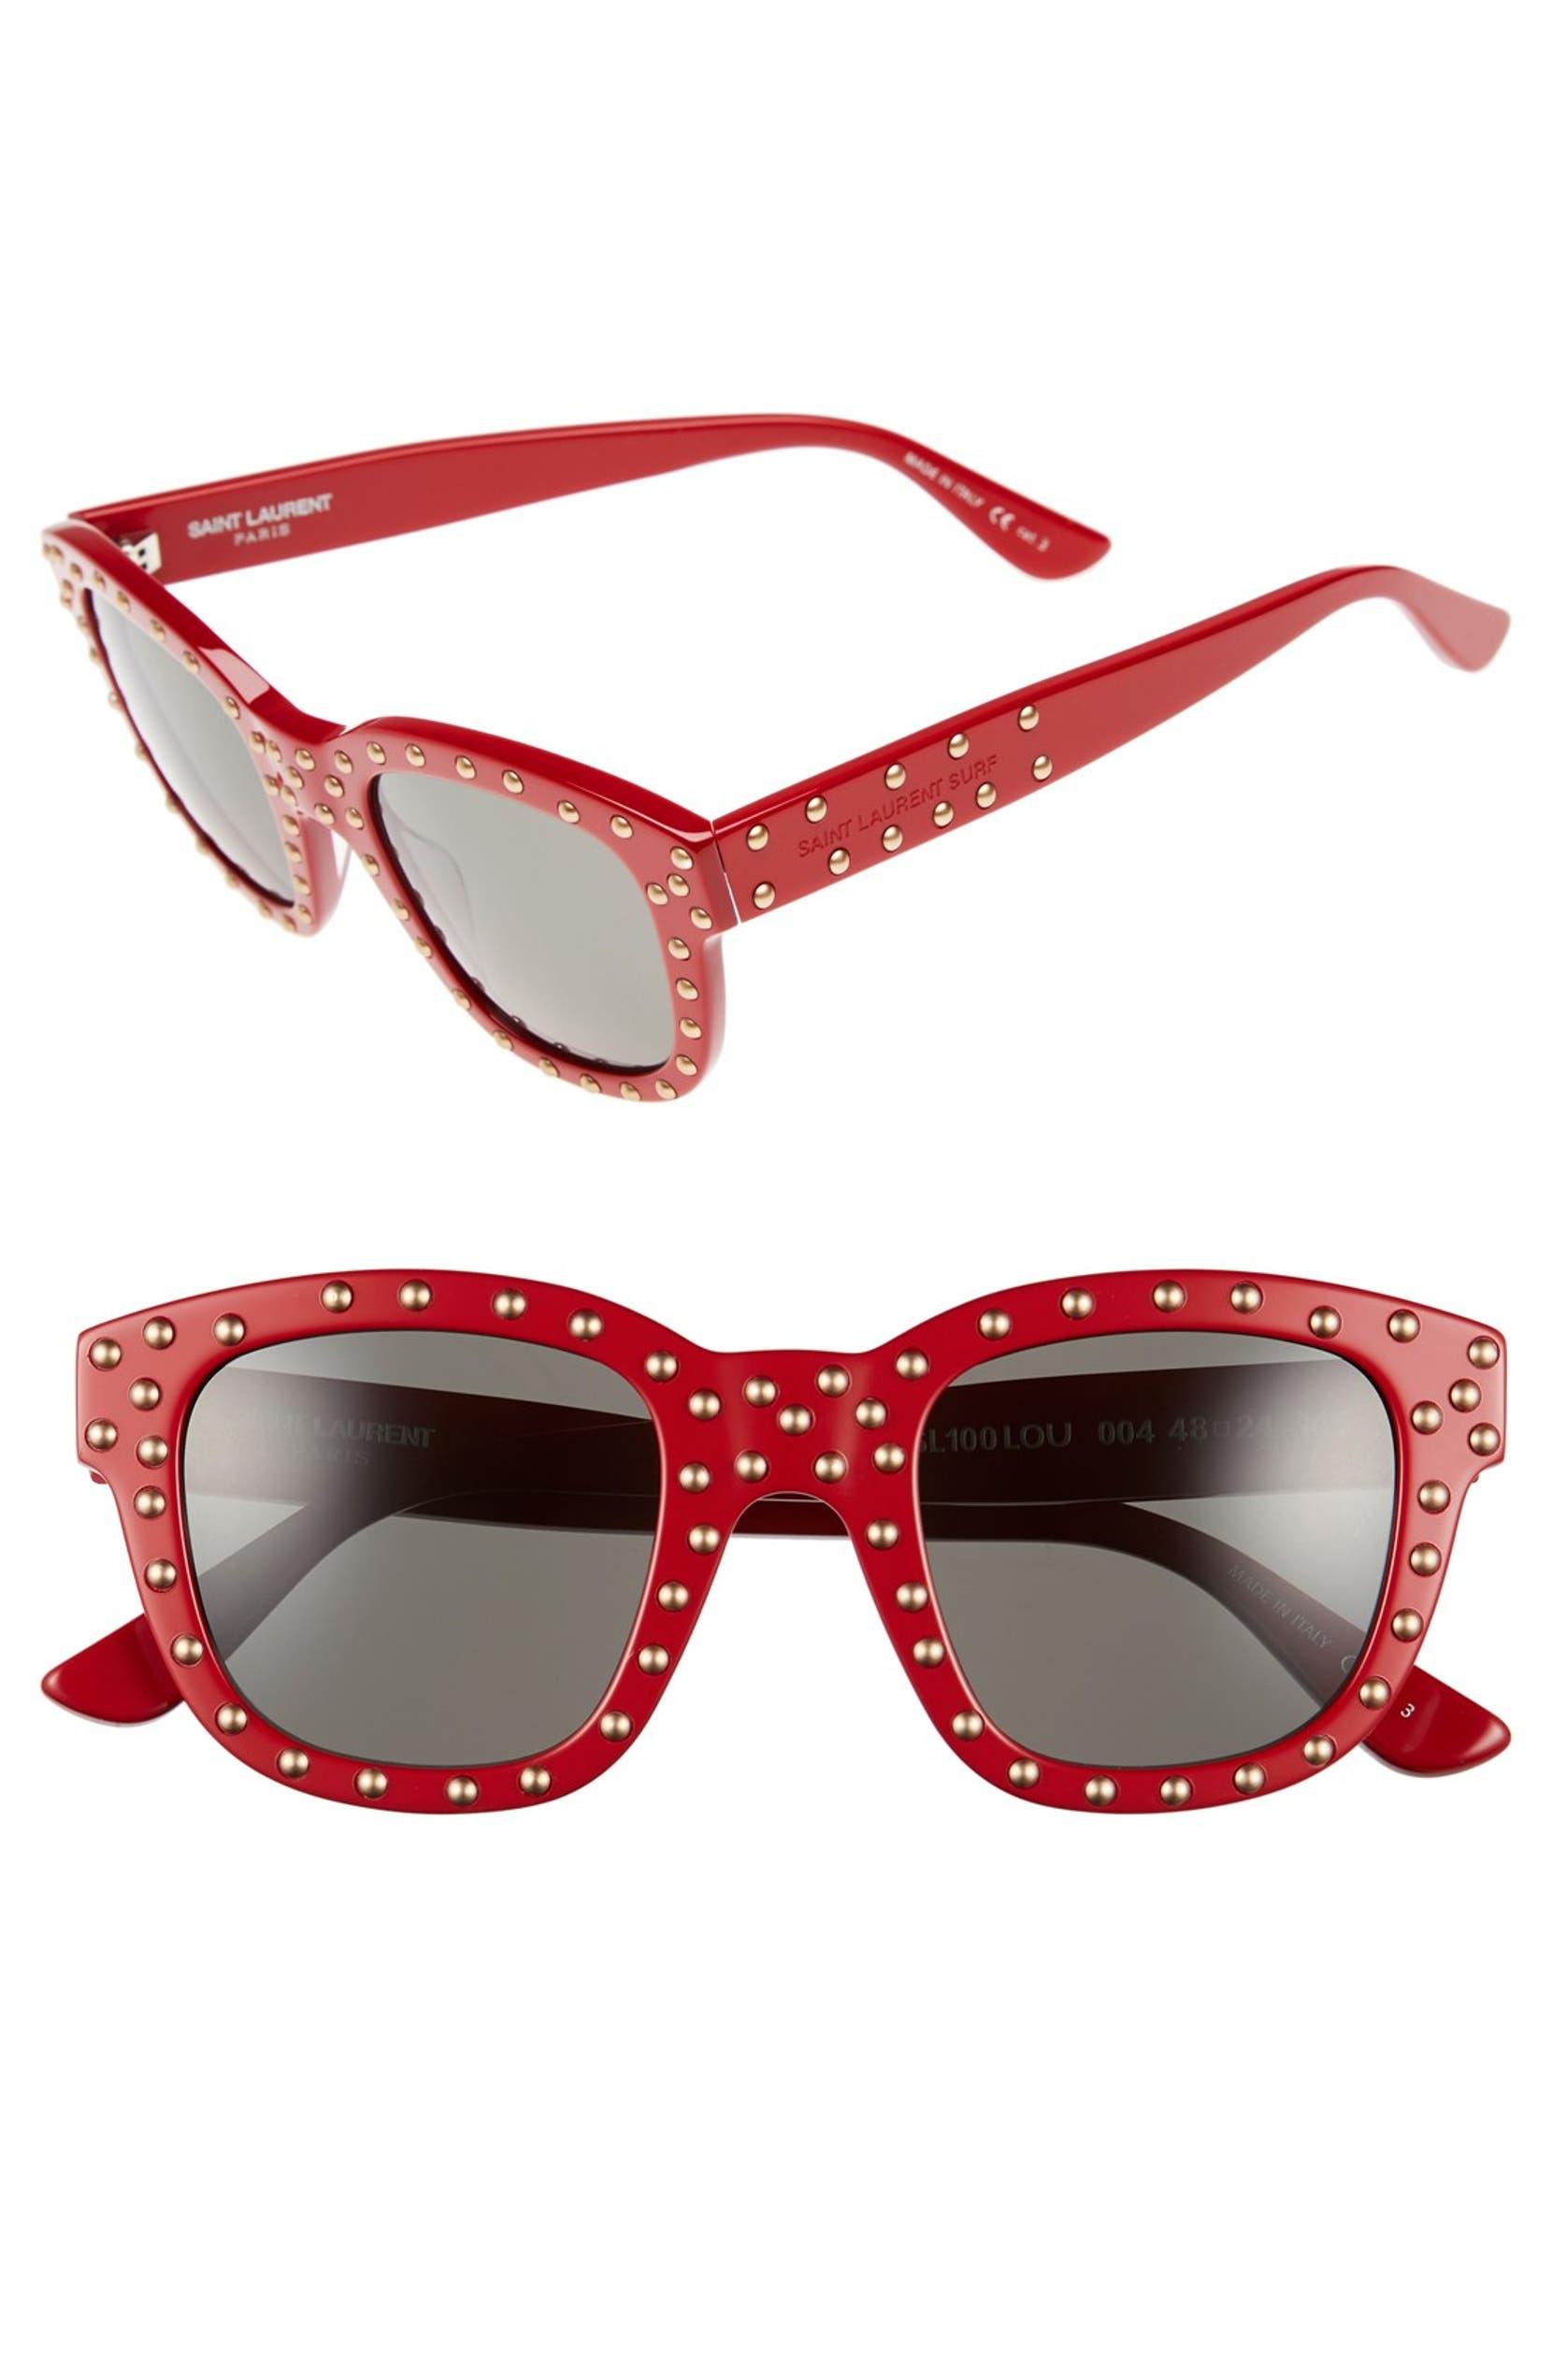 99181c5173 Saint Laurent  100 Lou  48mm Retro Sunglasses